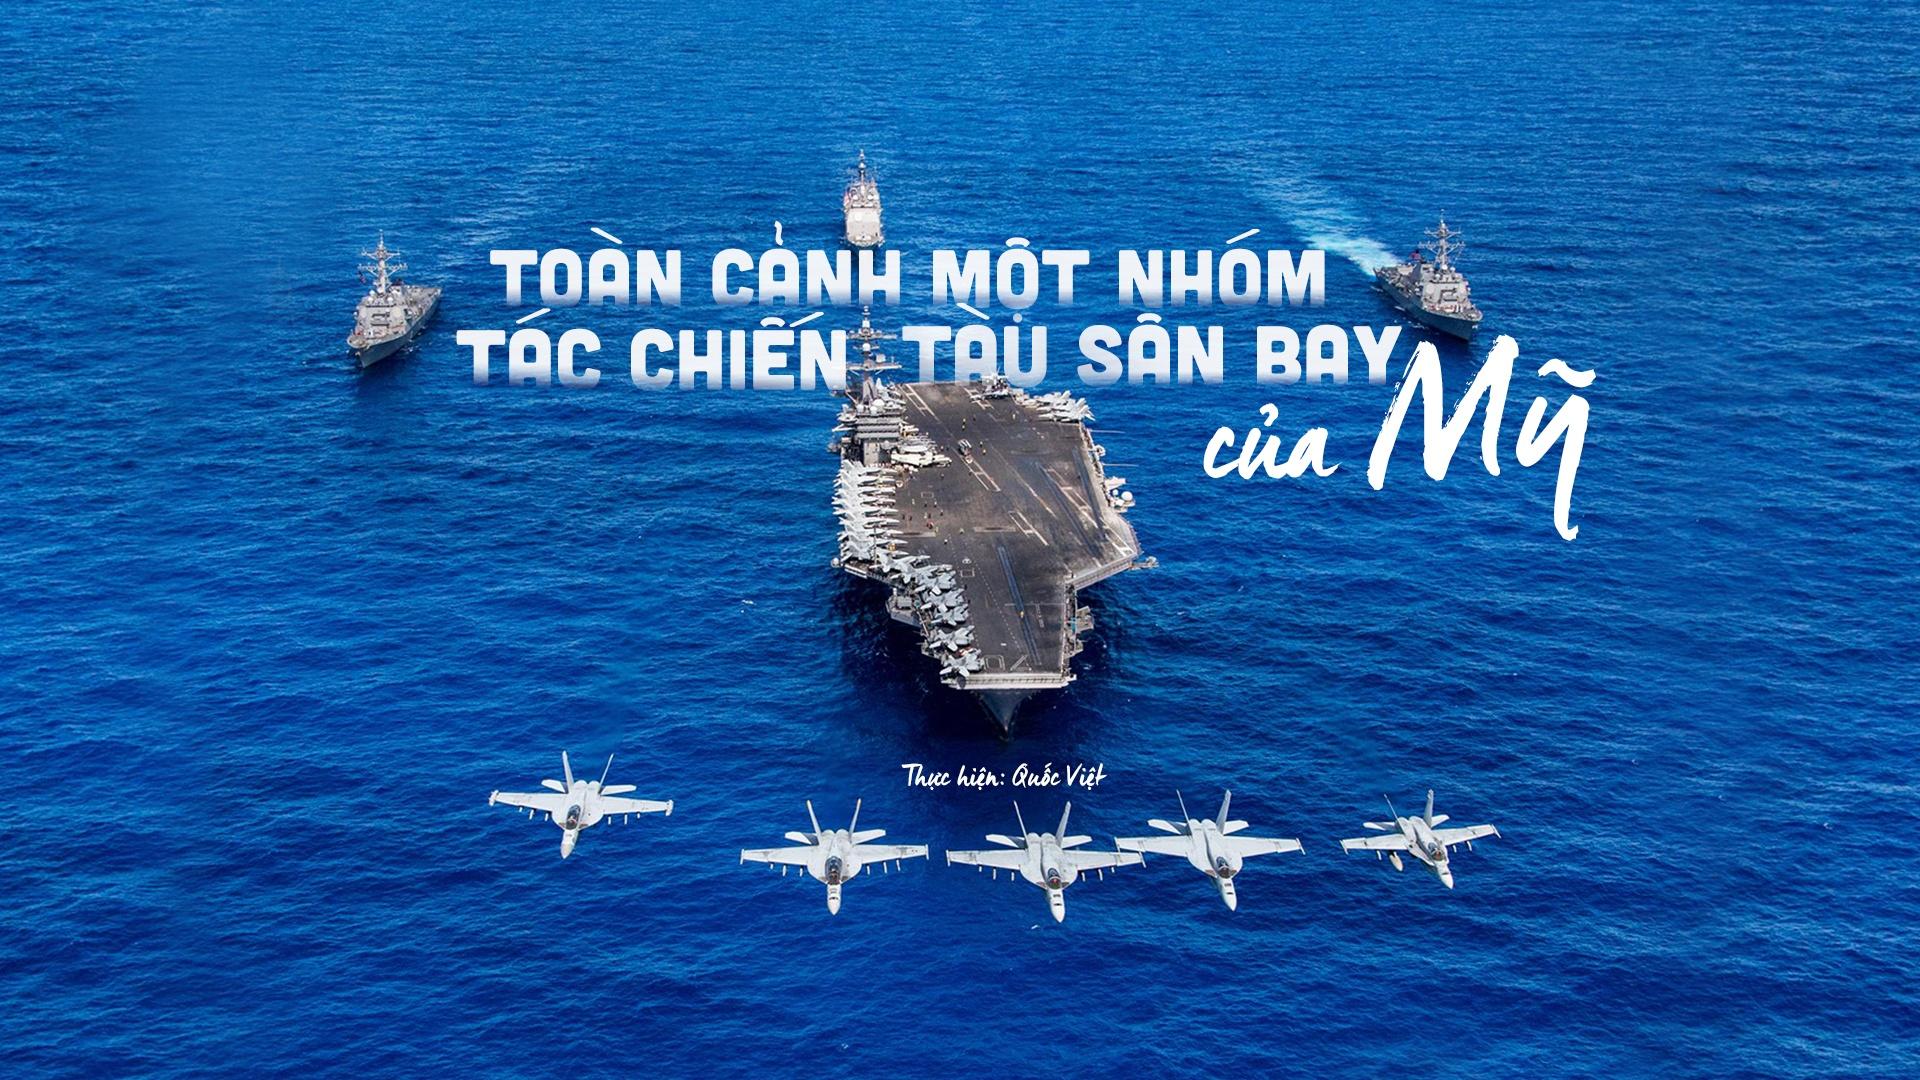 tau san bay My den Viet Nam anh 1